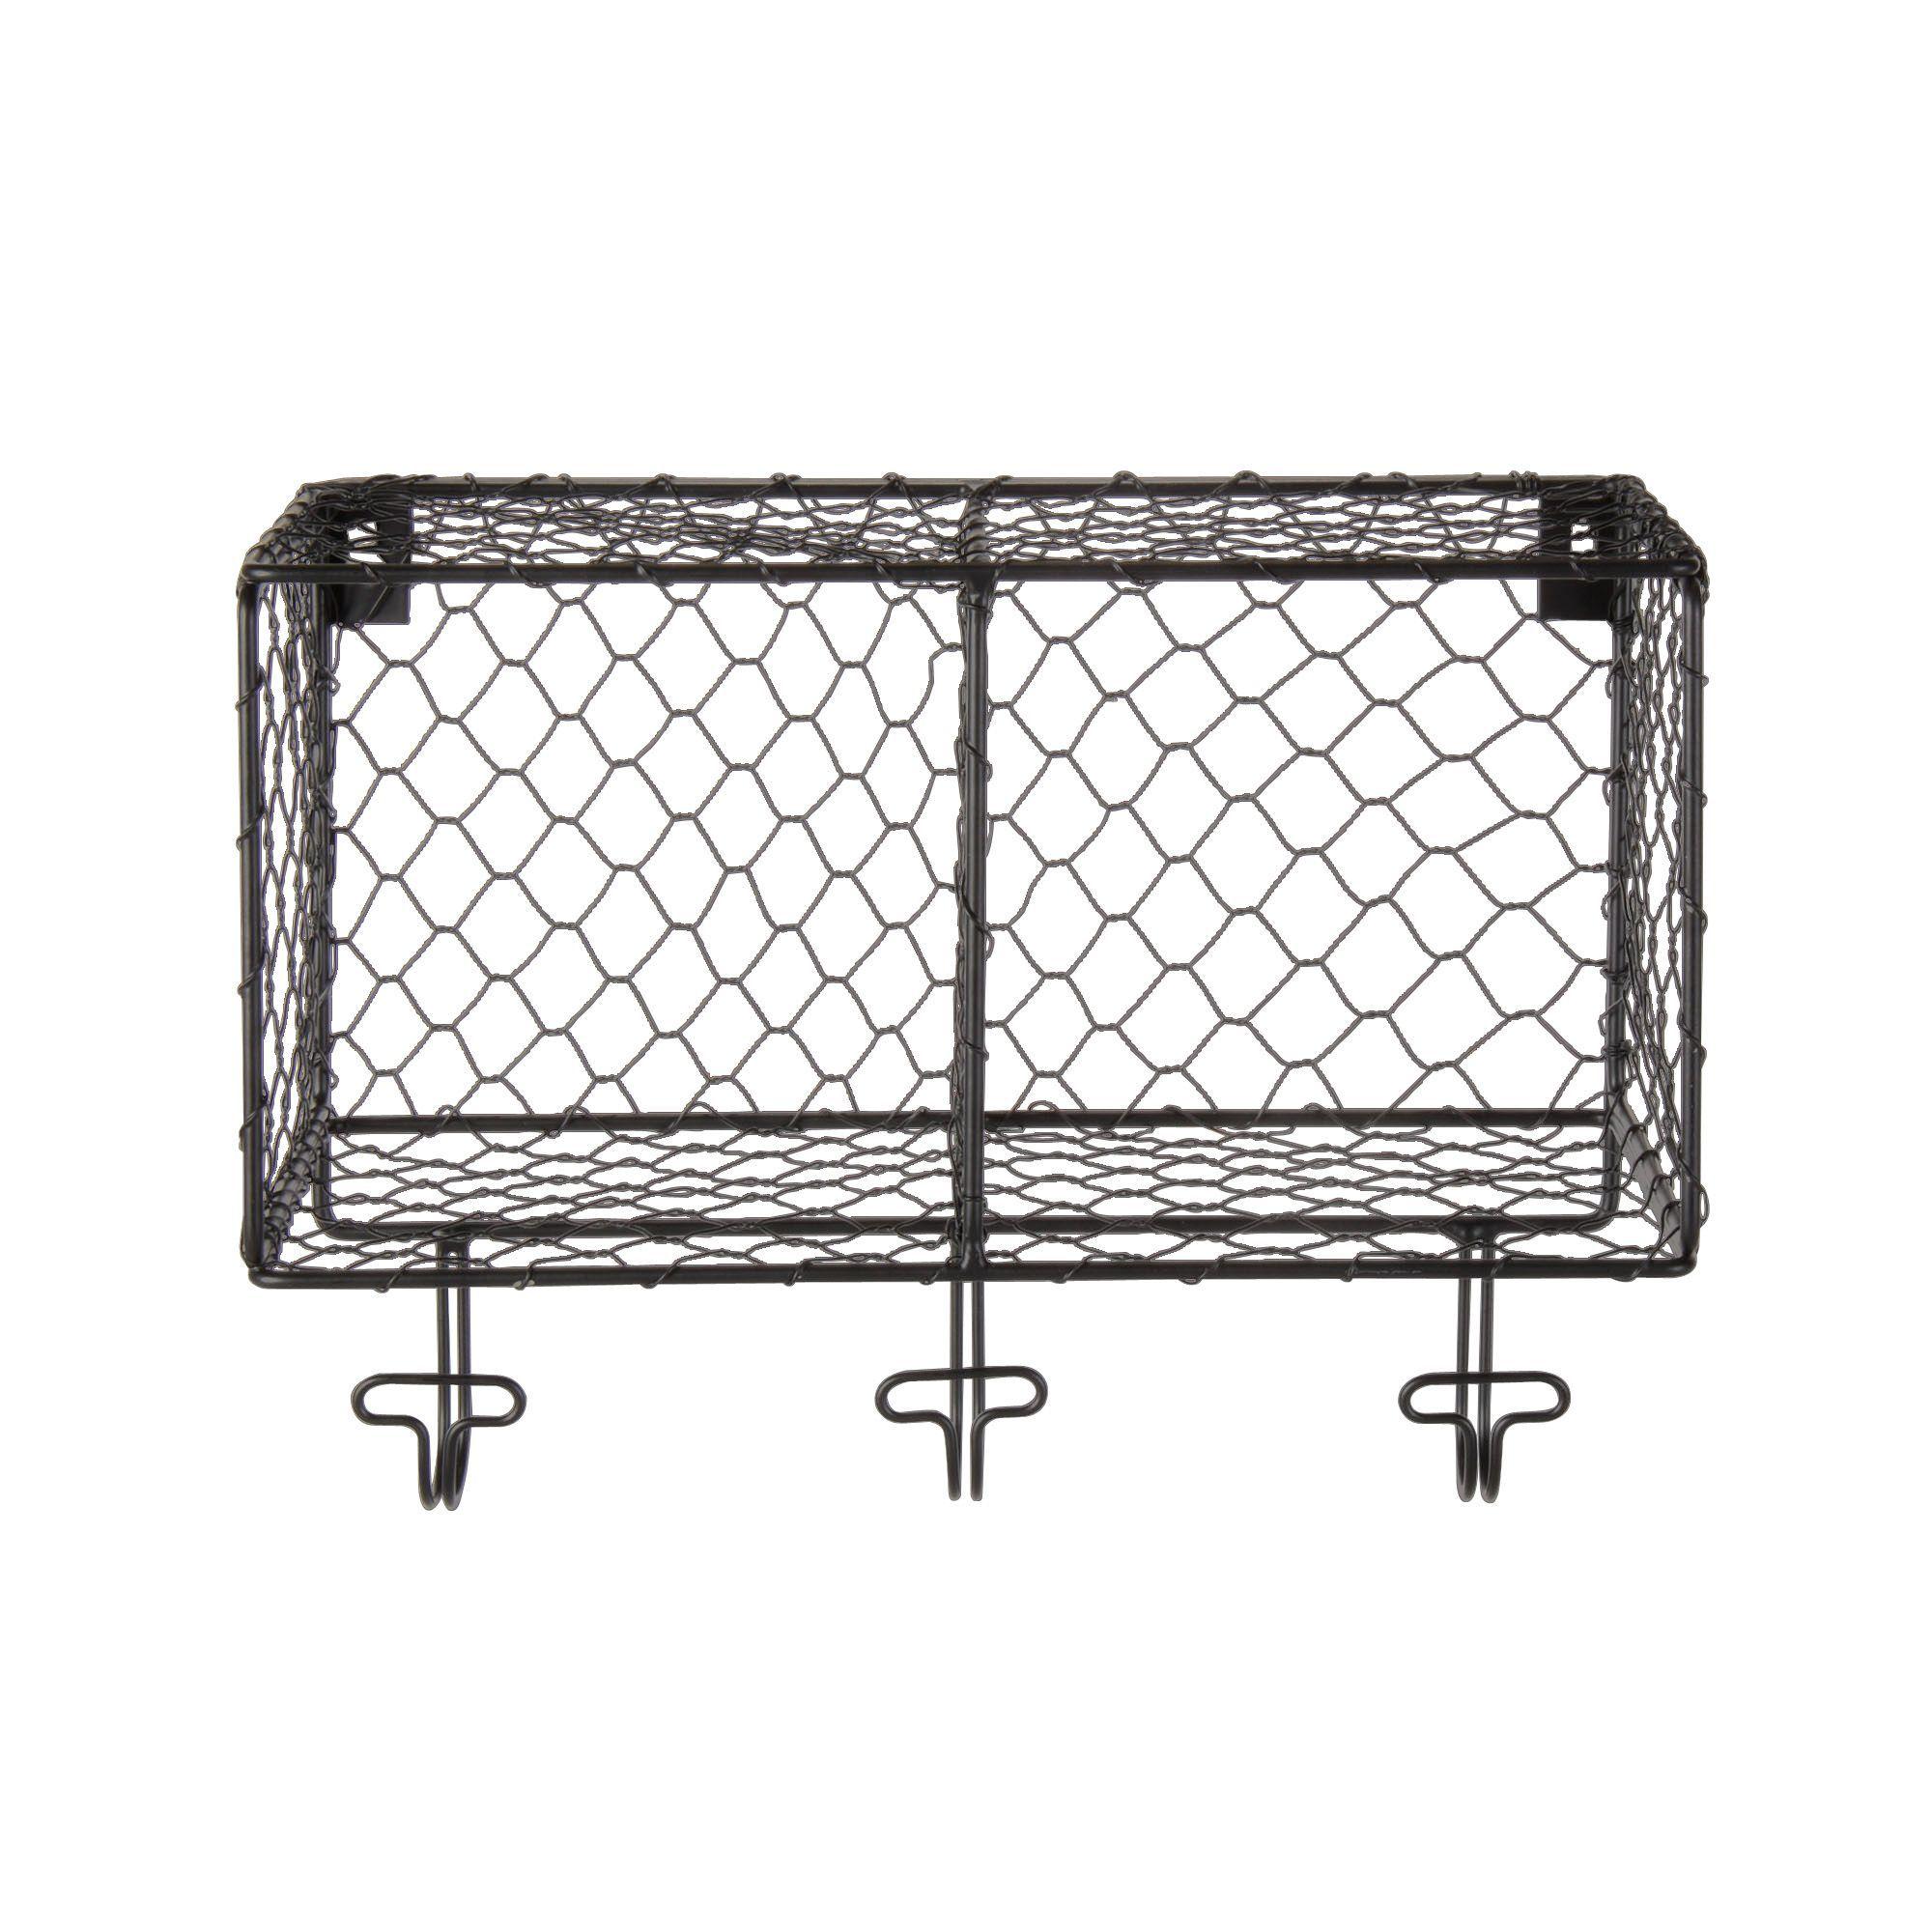 Étagère 2 cases en métal satiné Noir satin - Pool - Les étagères de ...